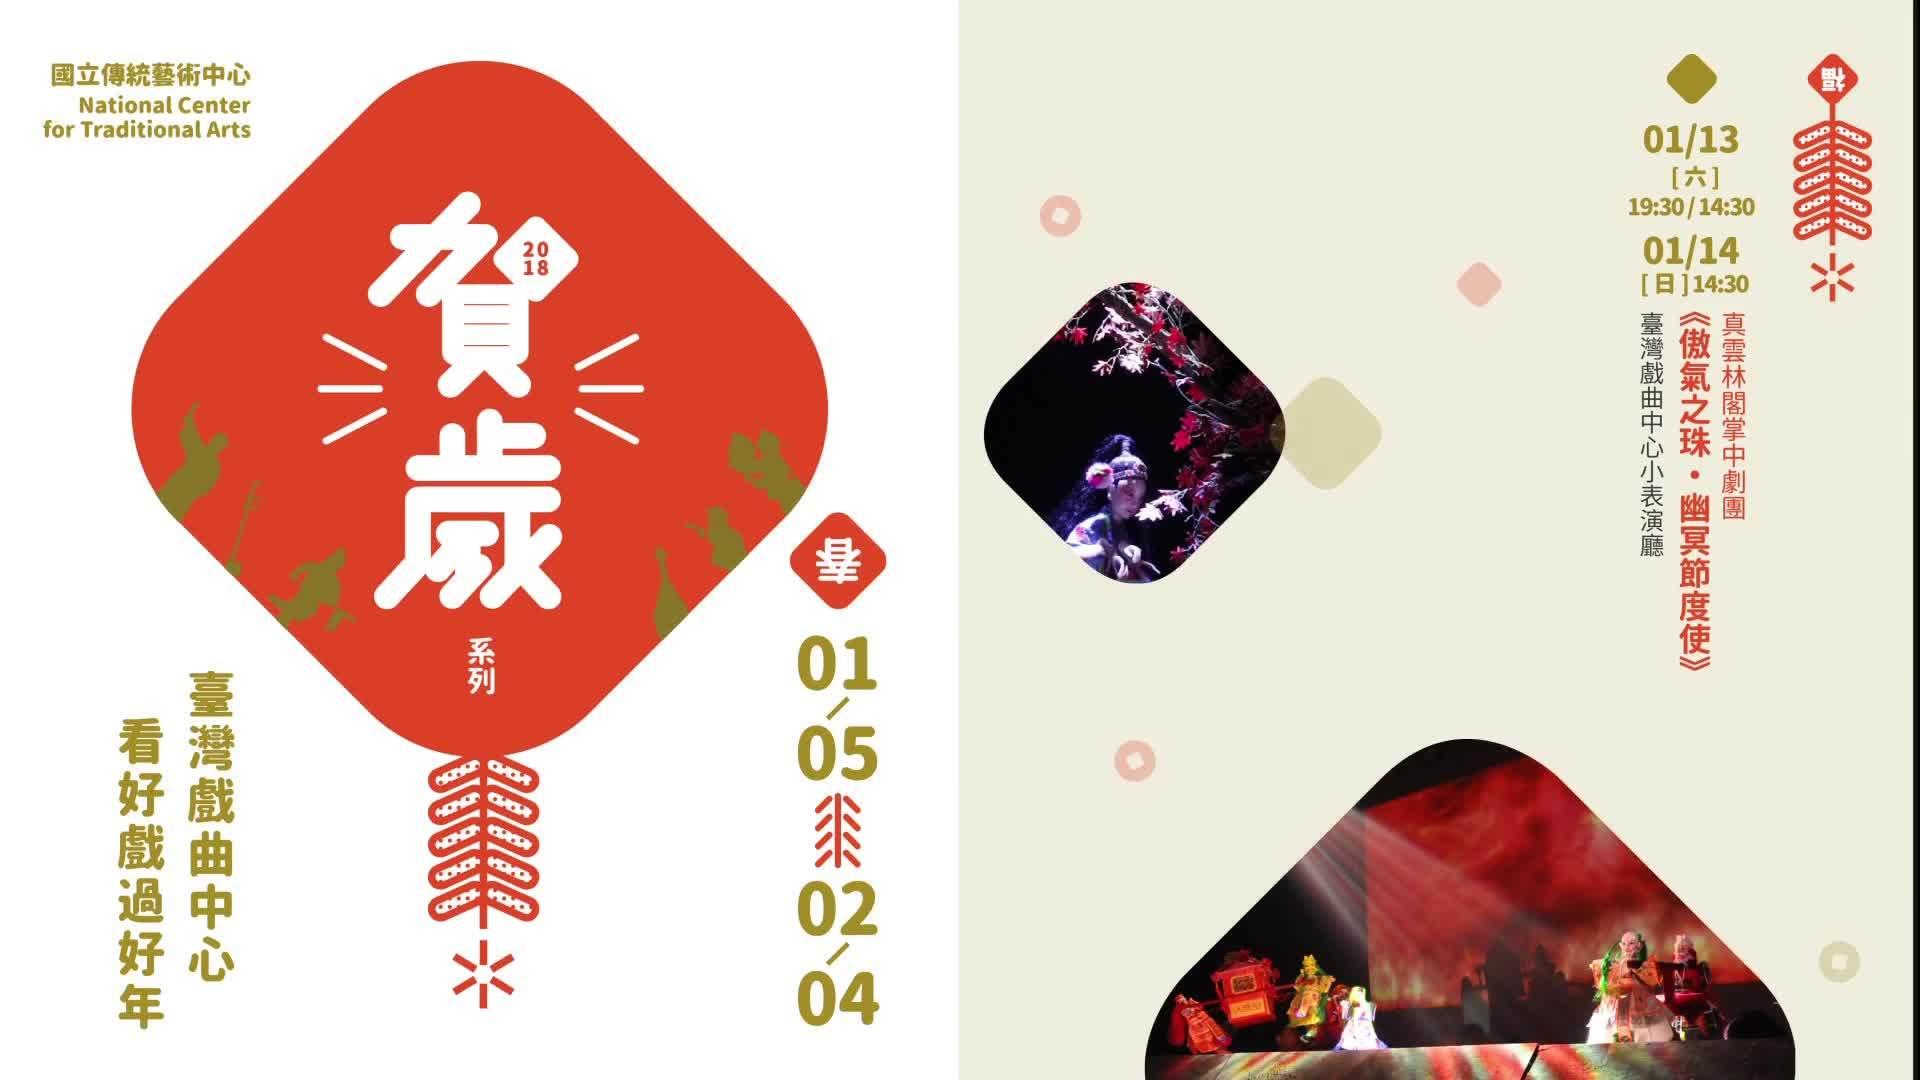 臺灣戲曲中心【第9期】電子報/真雲林閣掌中劇團《傲氣之珠‧幽冥節度使》